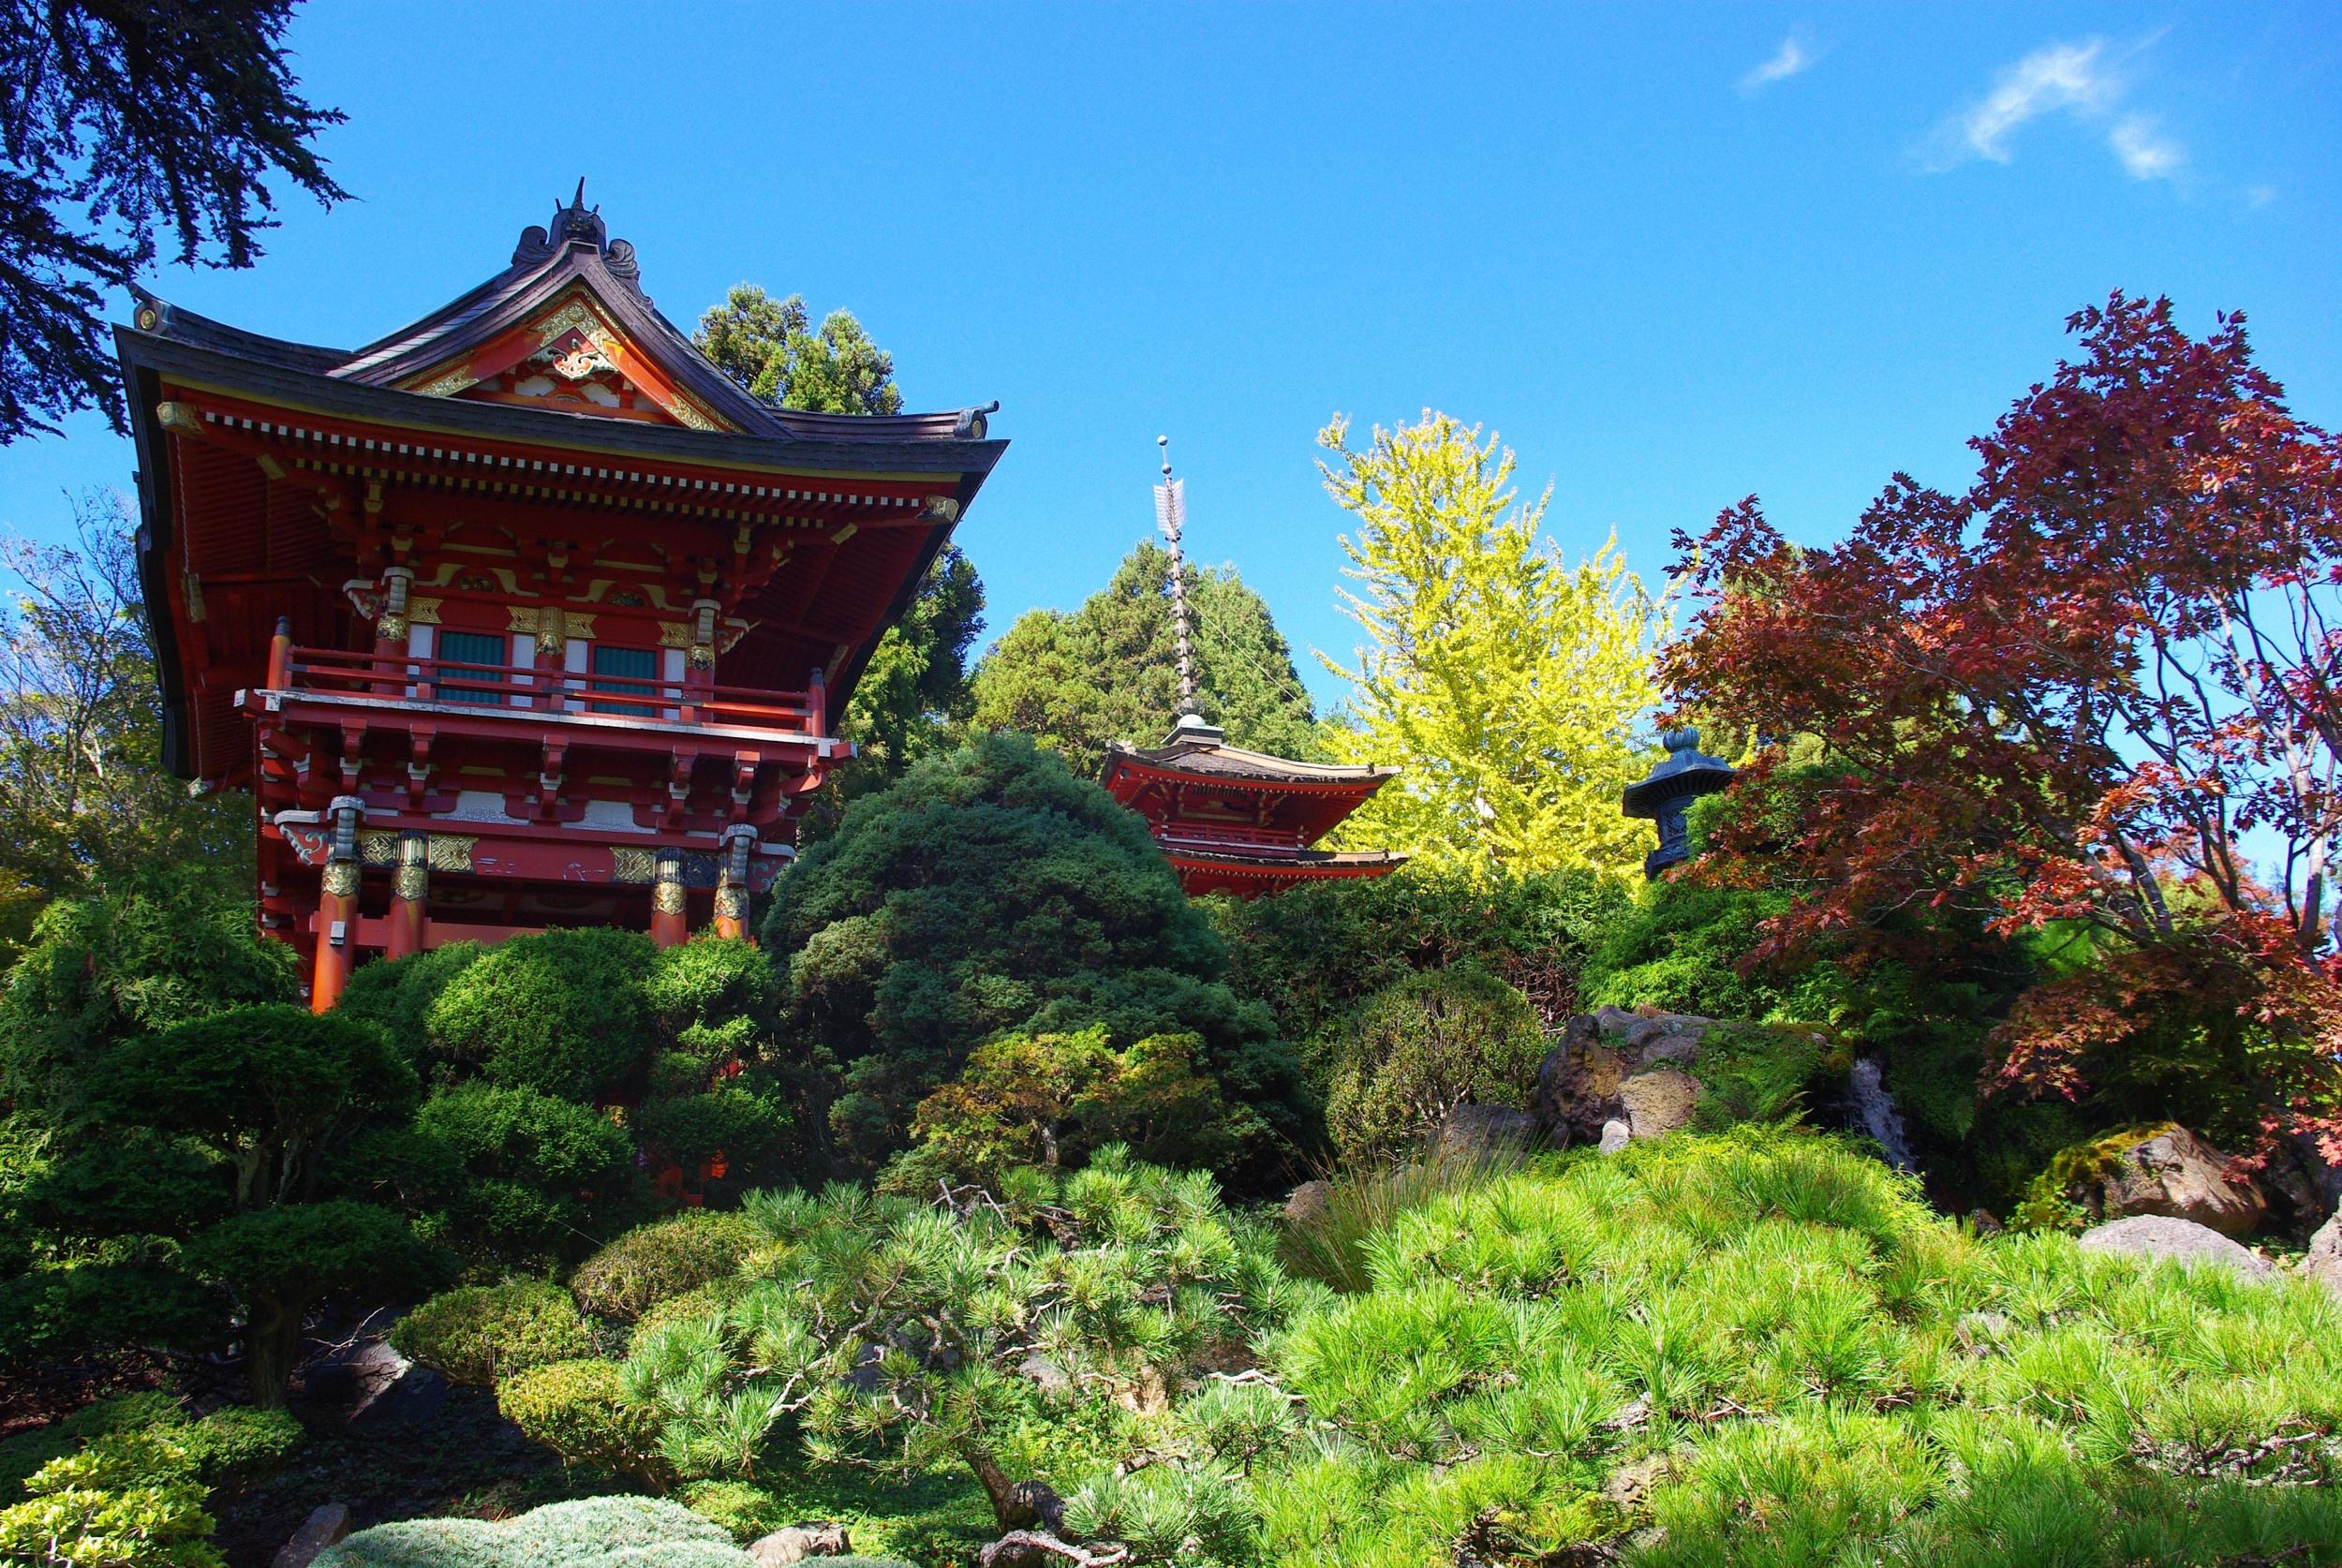 8.Revel at the Japanese Tea Garden